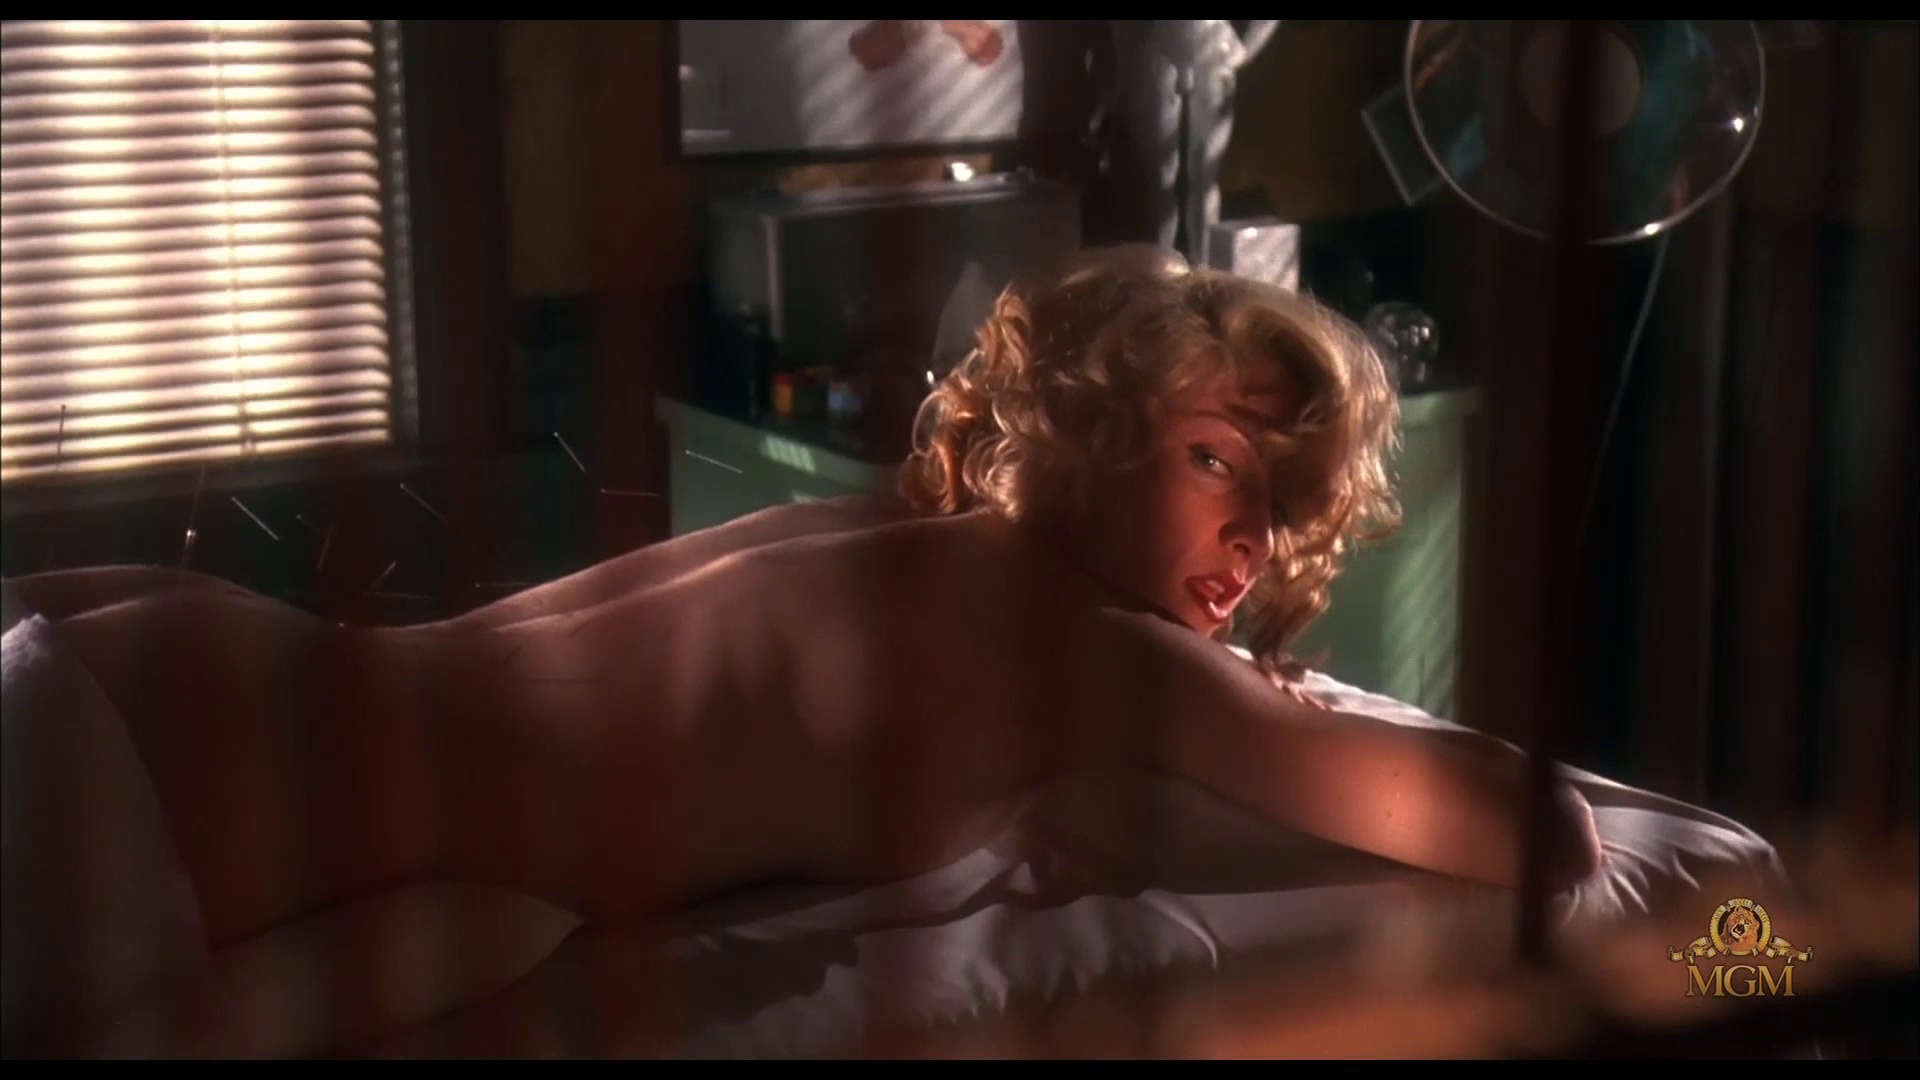 читал эту марк дэвис в эротическом фильме обучать